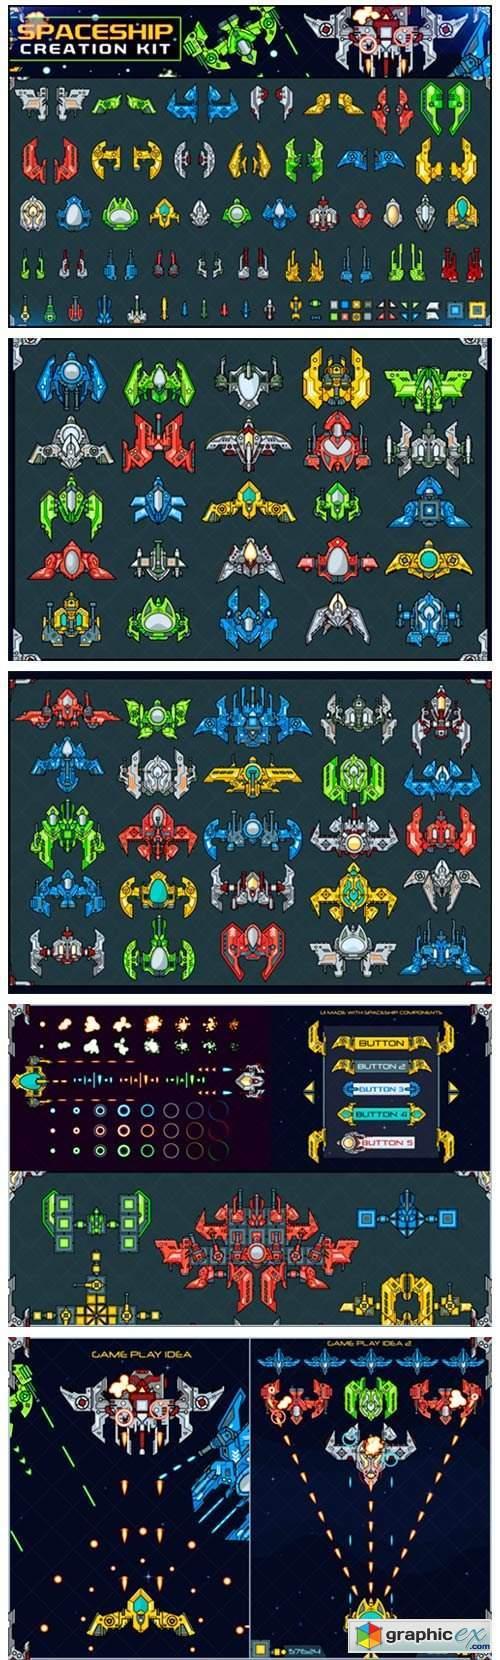 Spaceship Creation Kit - Game Assets